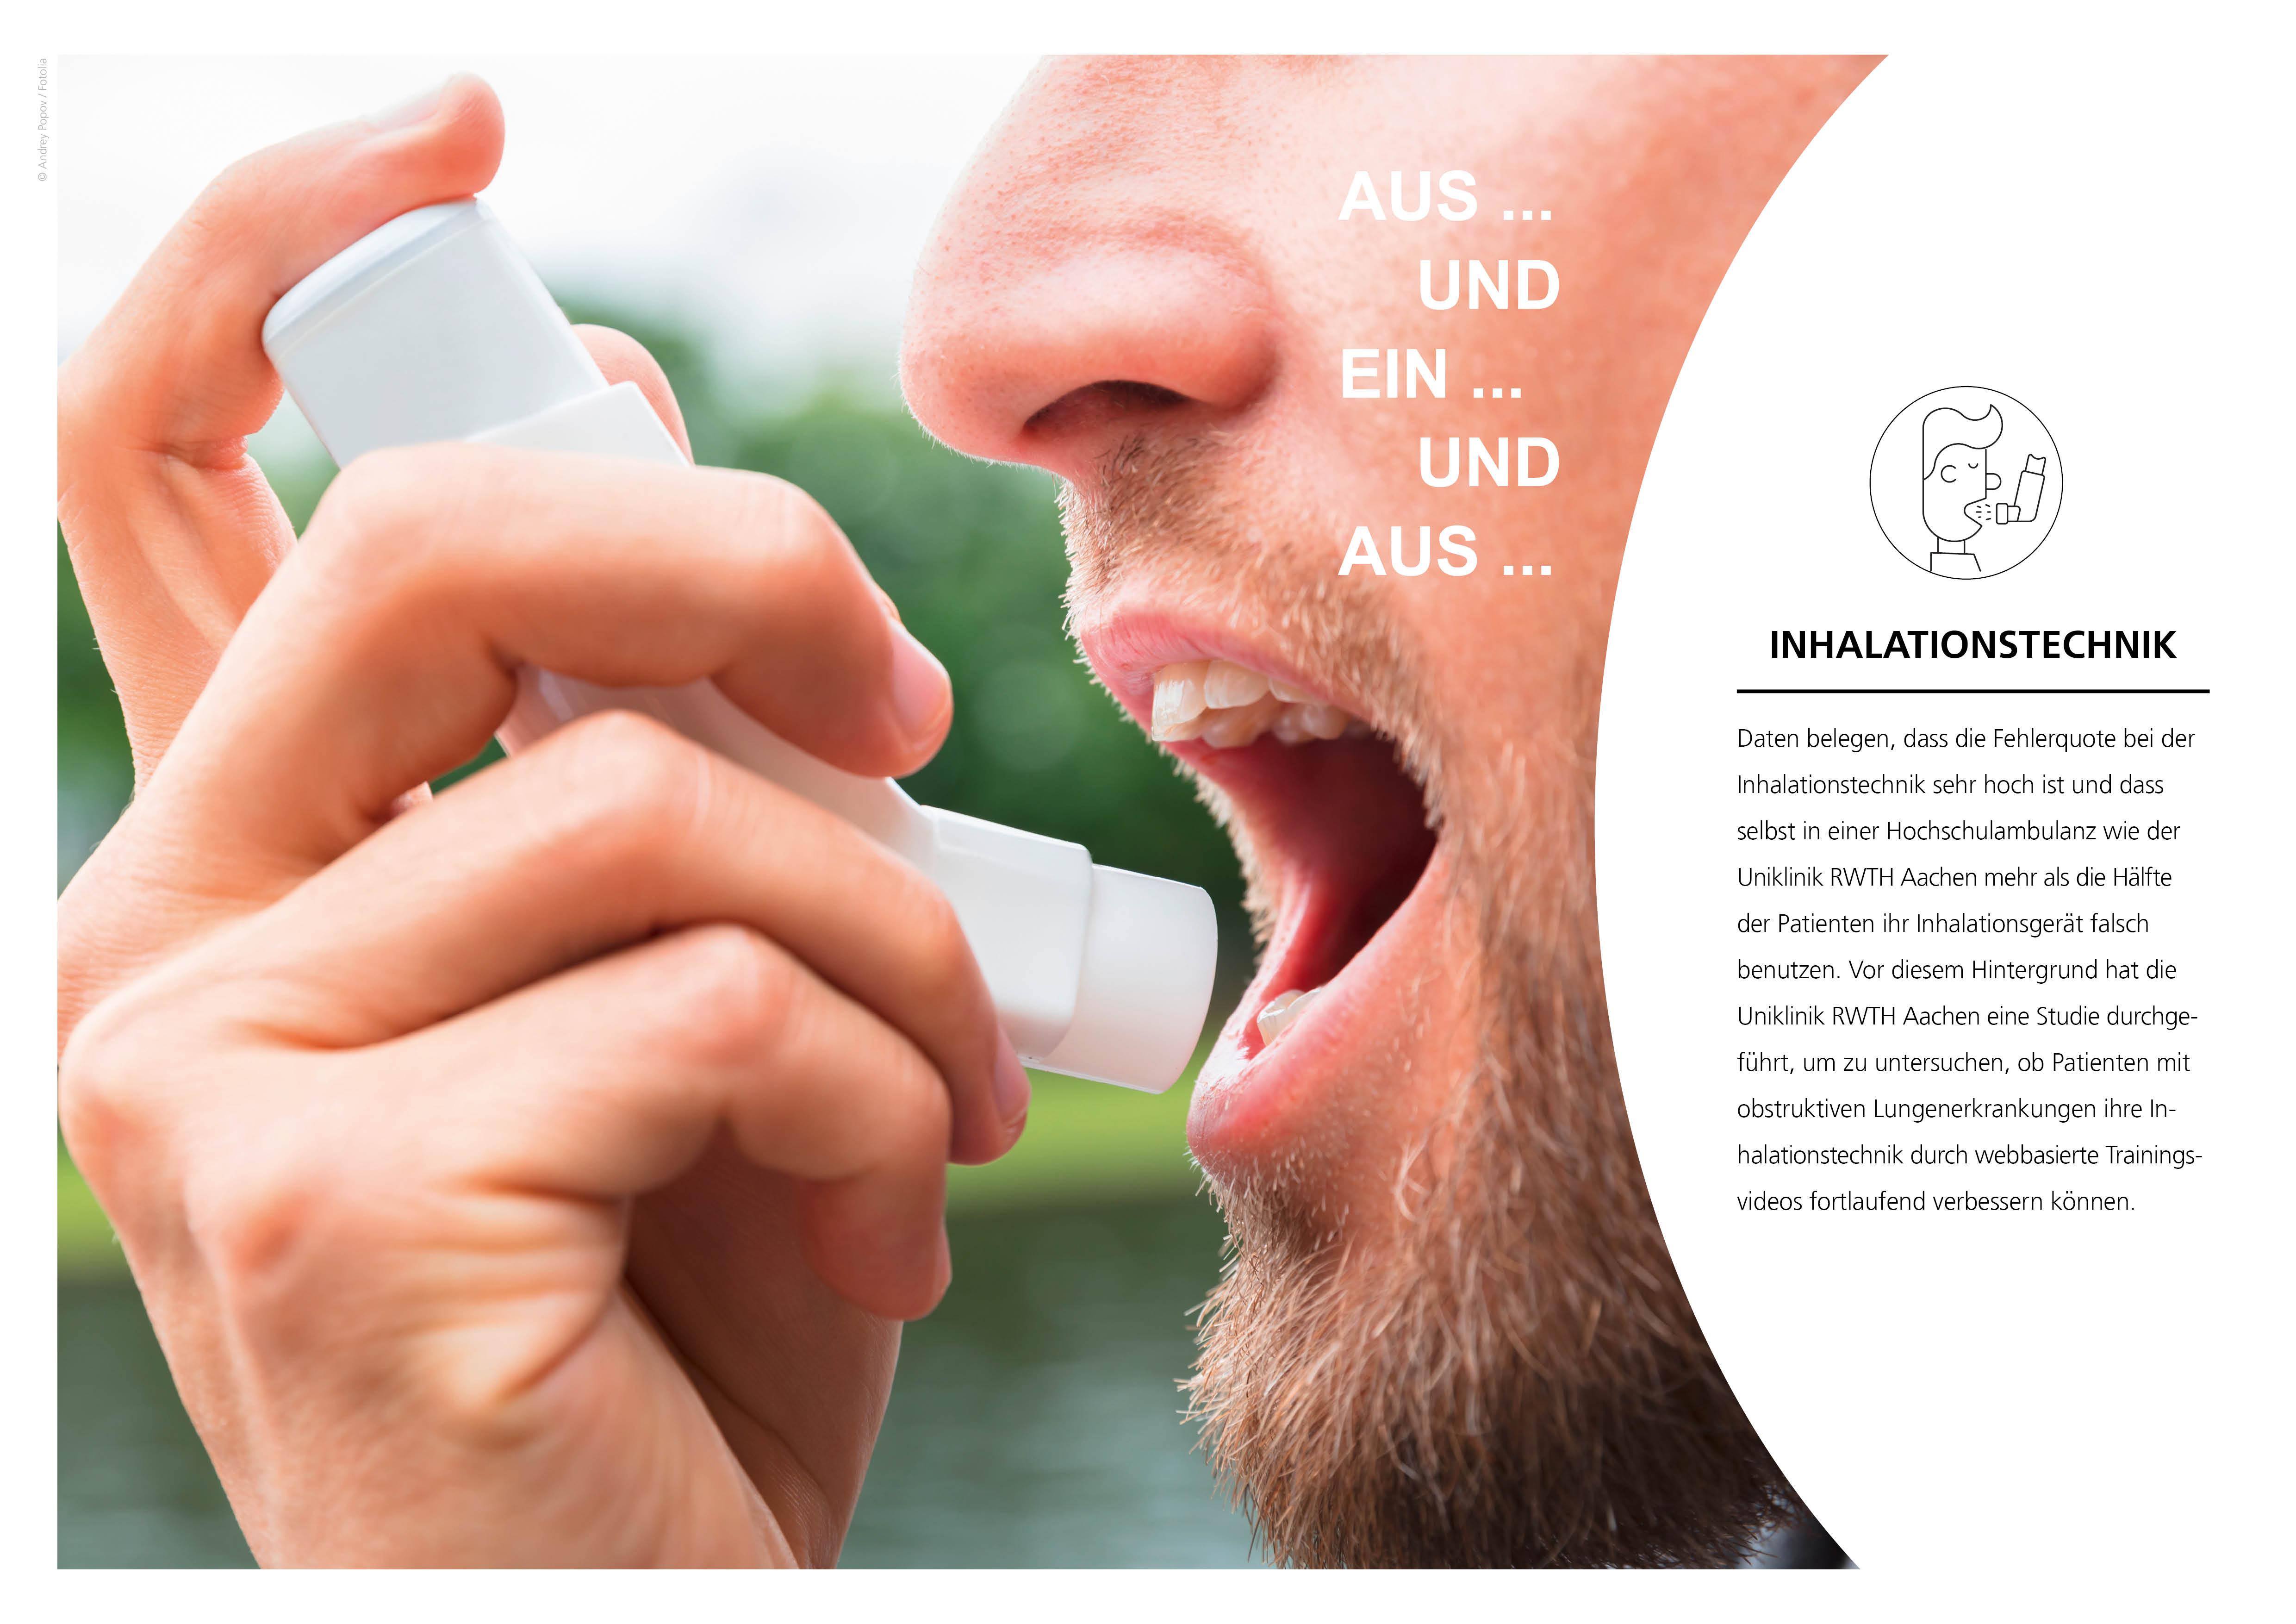 aachener_Forschung_Inhalationstechnik_